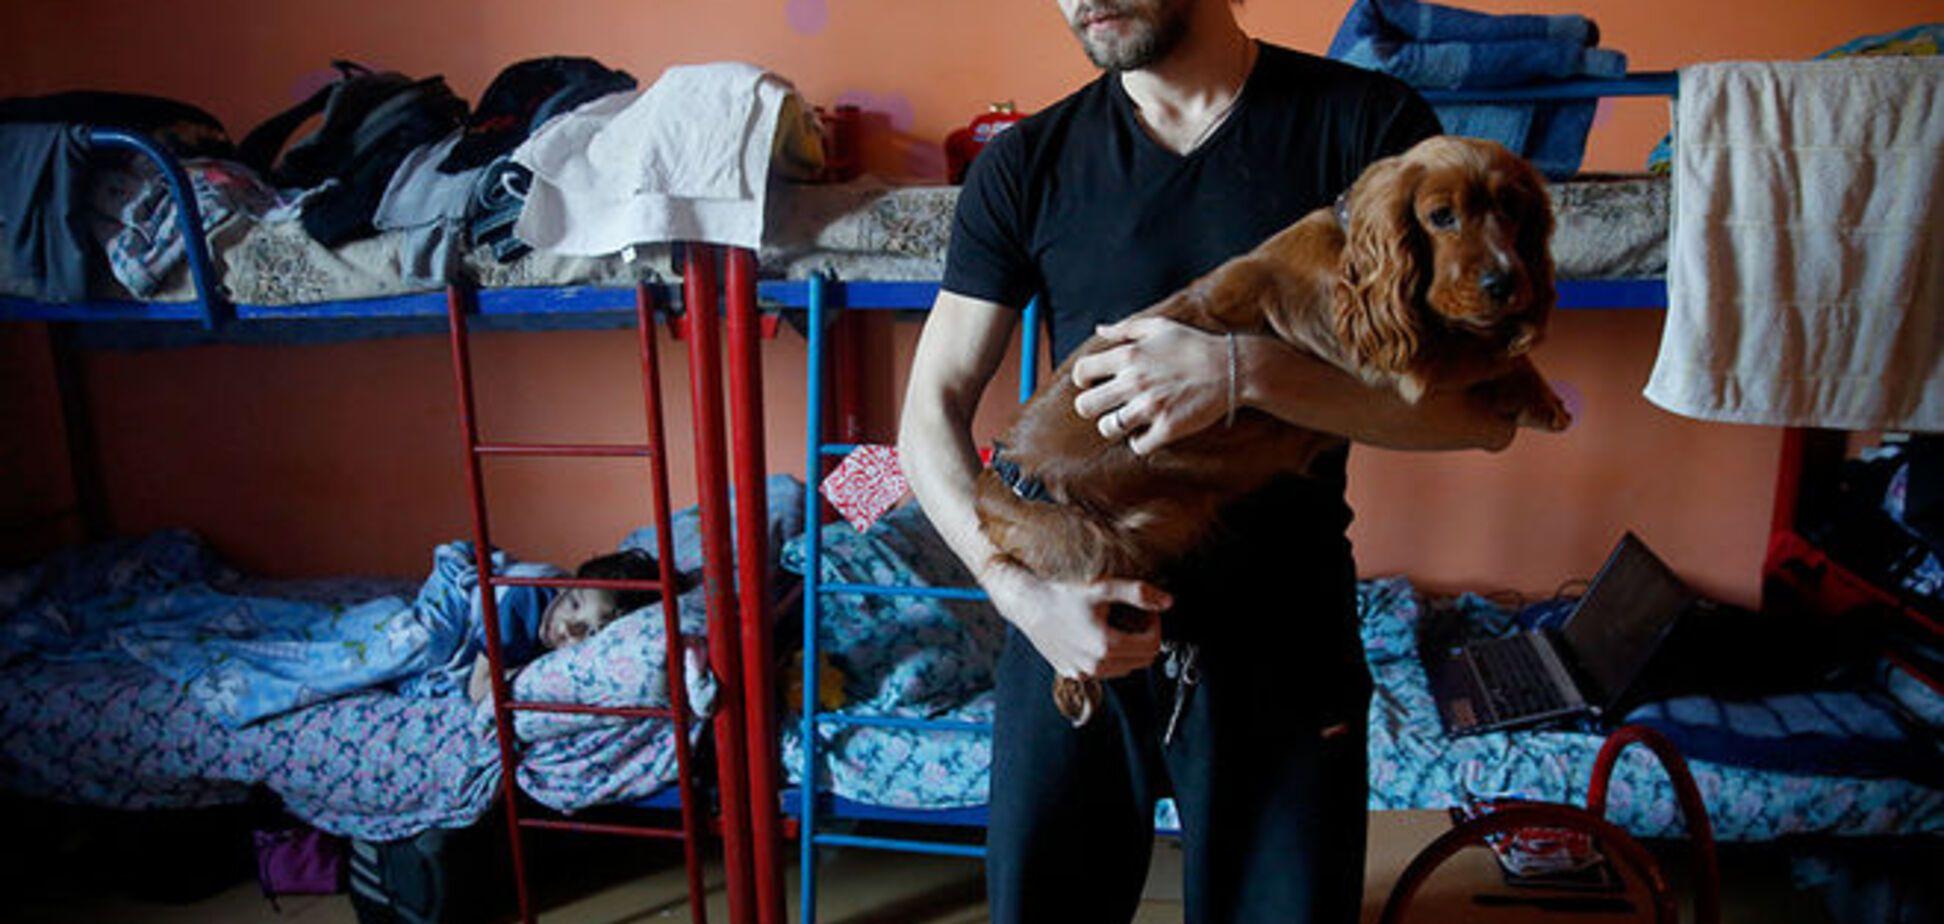 Приняла в объятья: опубликованы фото 'счастливой' жизни украинских беженцев в России